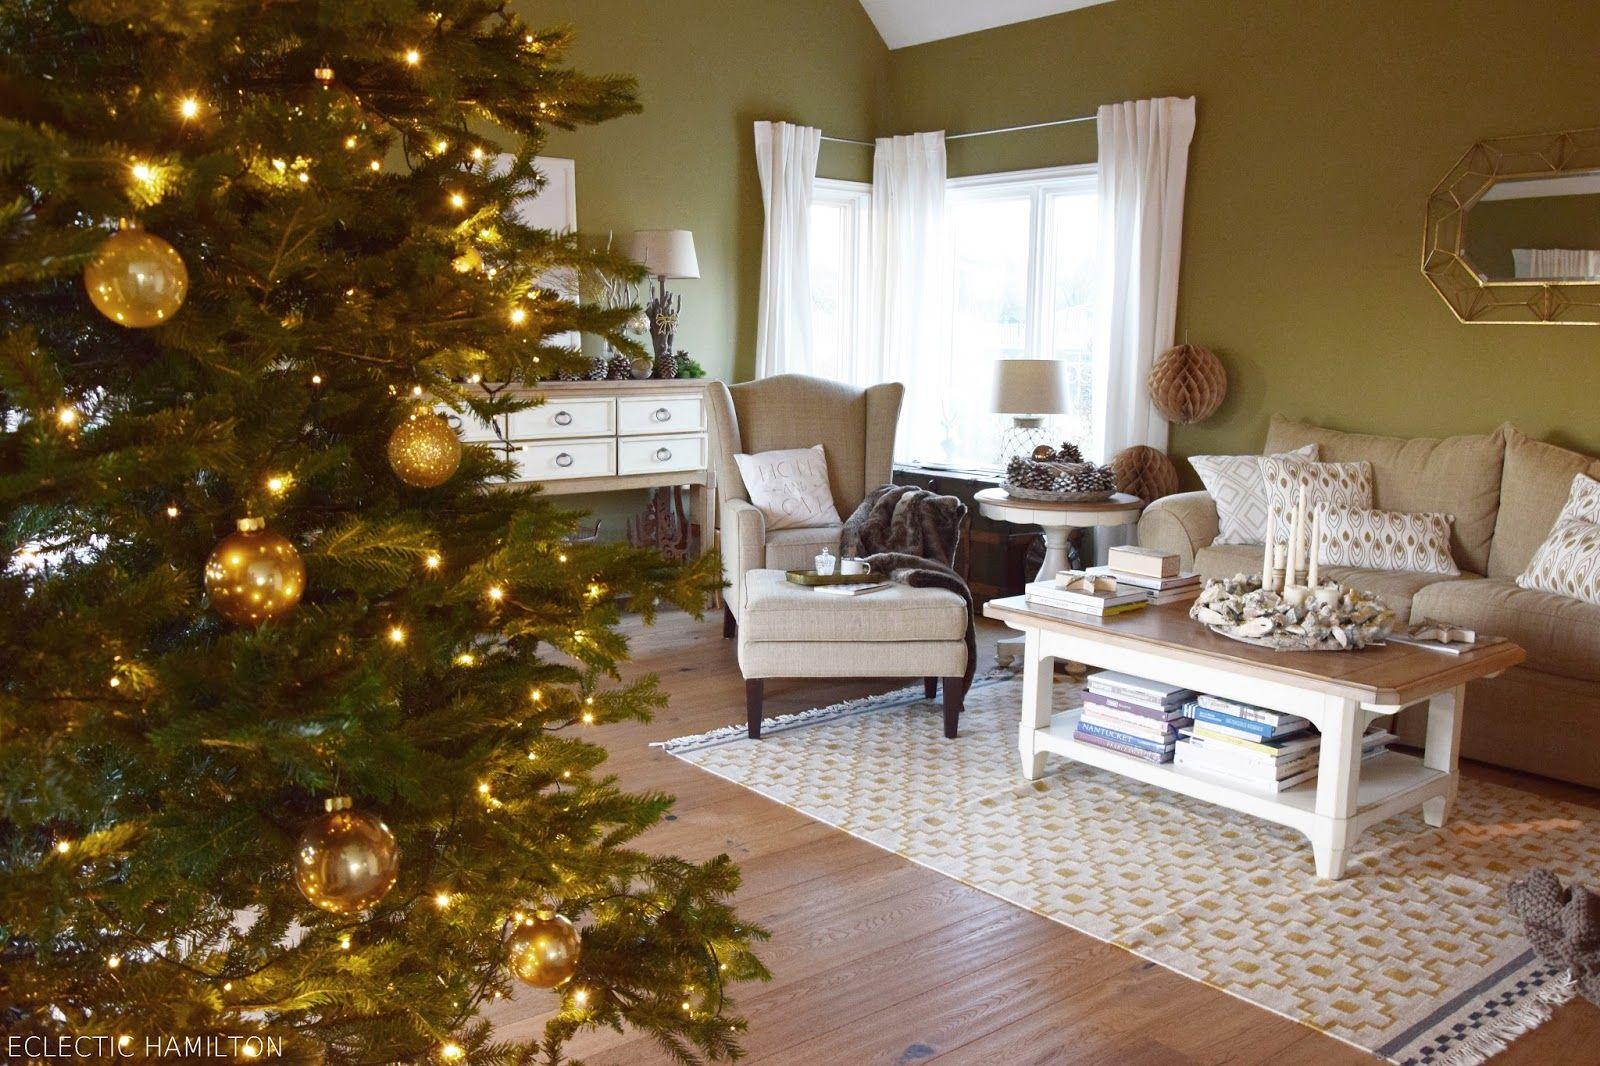 Wie Kann Ich Mein Wohnzimmer Weihnachtlich Dekorieren Hamilton, New Home  Essentials, Ceilings, Christmas